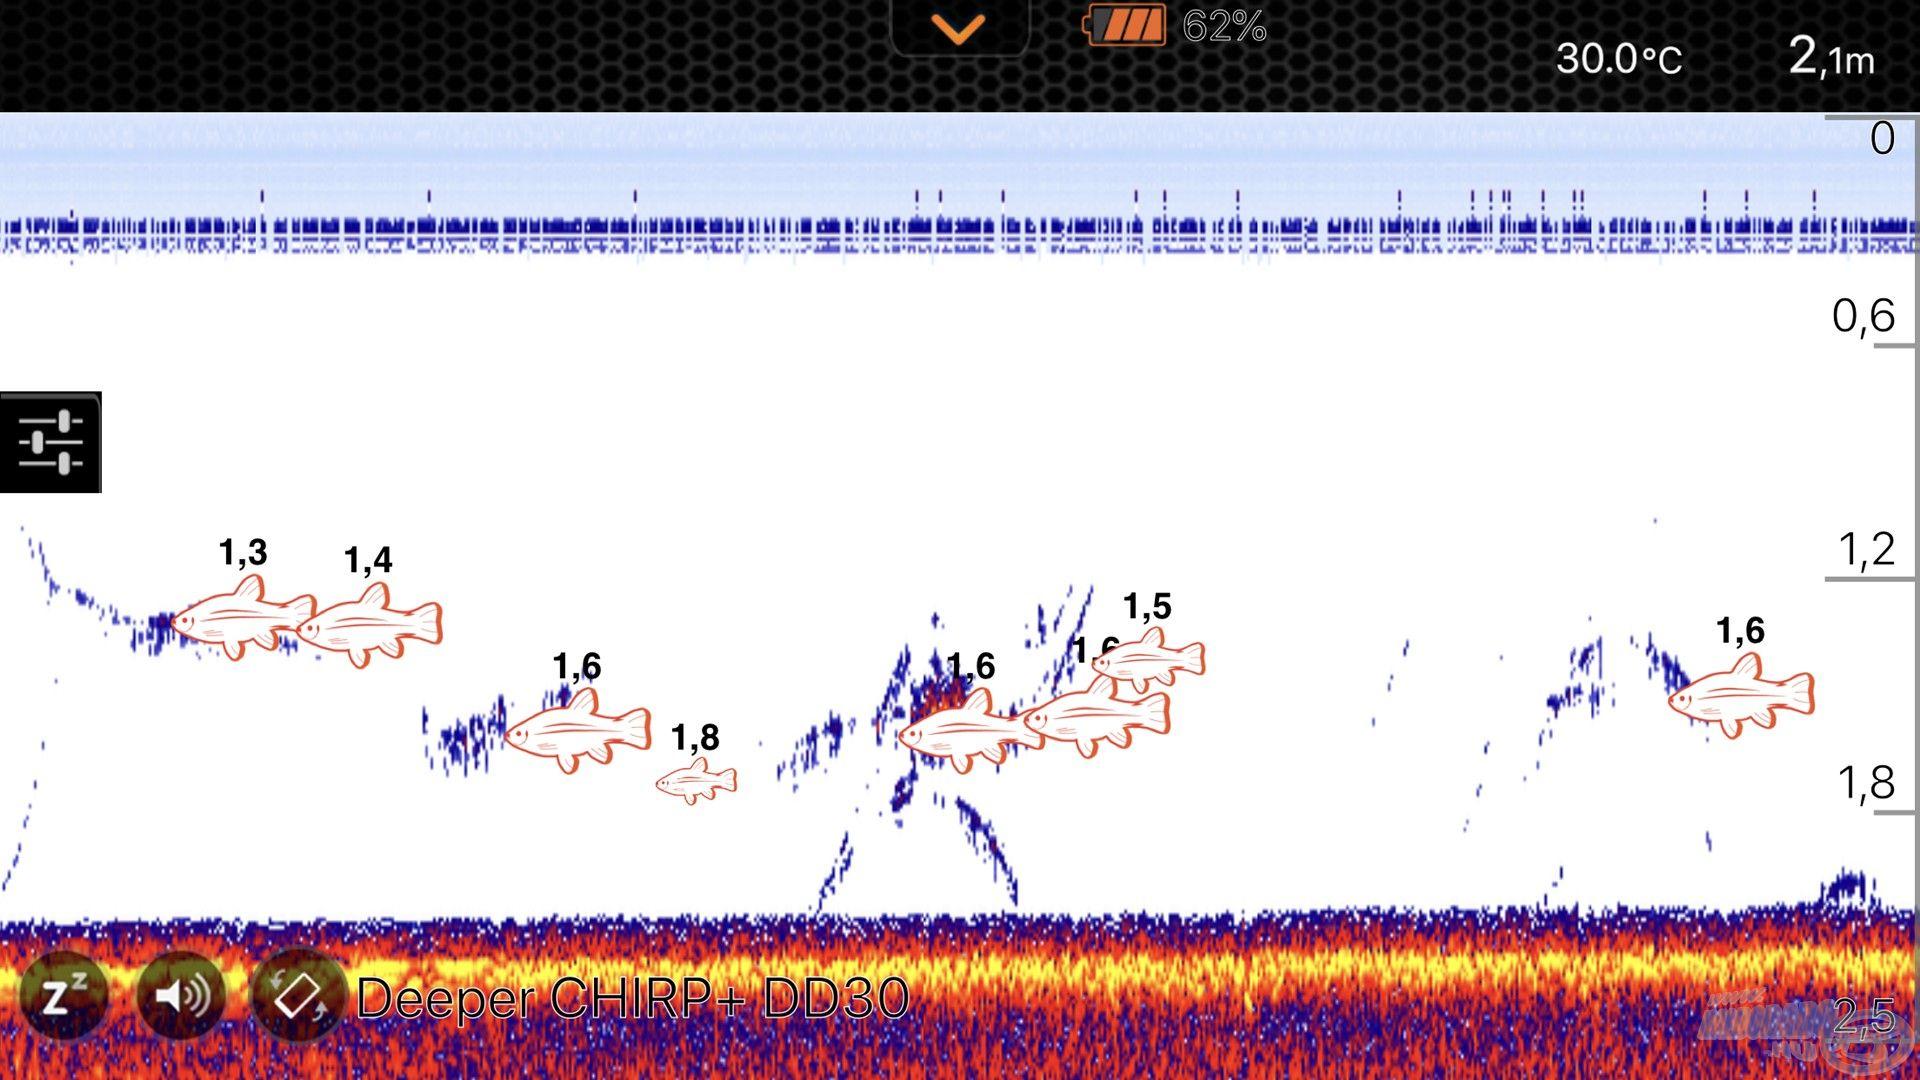 DEEPER SMART SONAR alkalmazás letöltése és a halradar beüzemelése után ezt a részletes képet láthatjuk a DEEPER Chirp+ működése közben